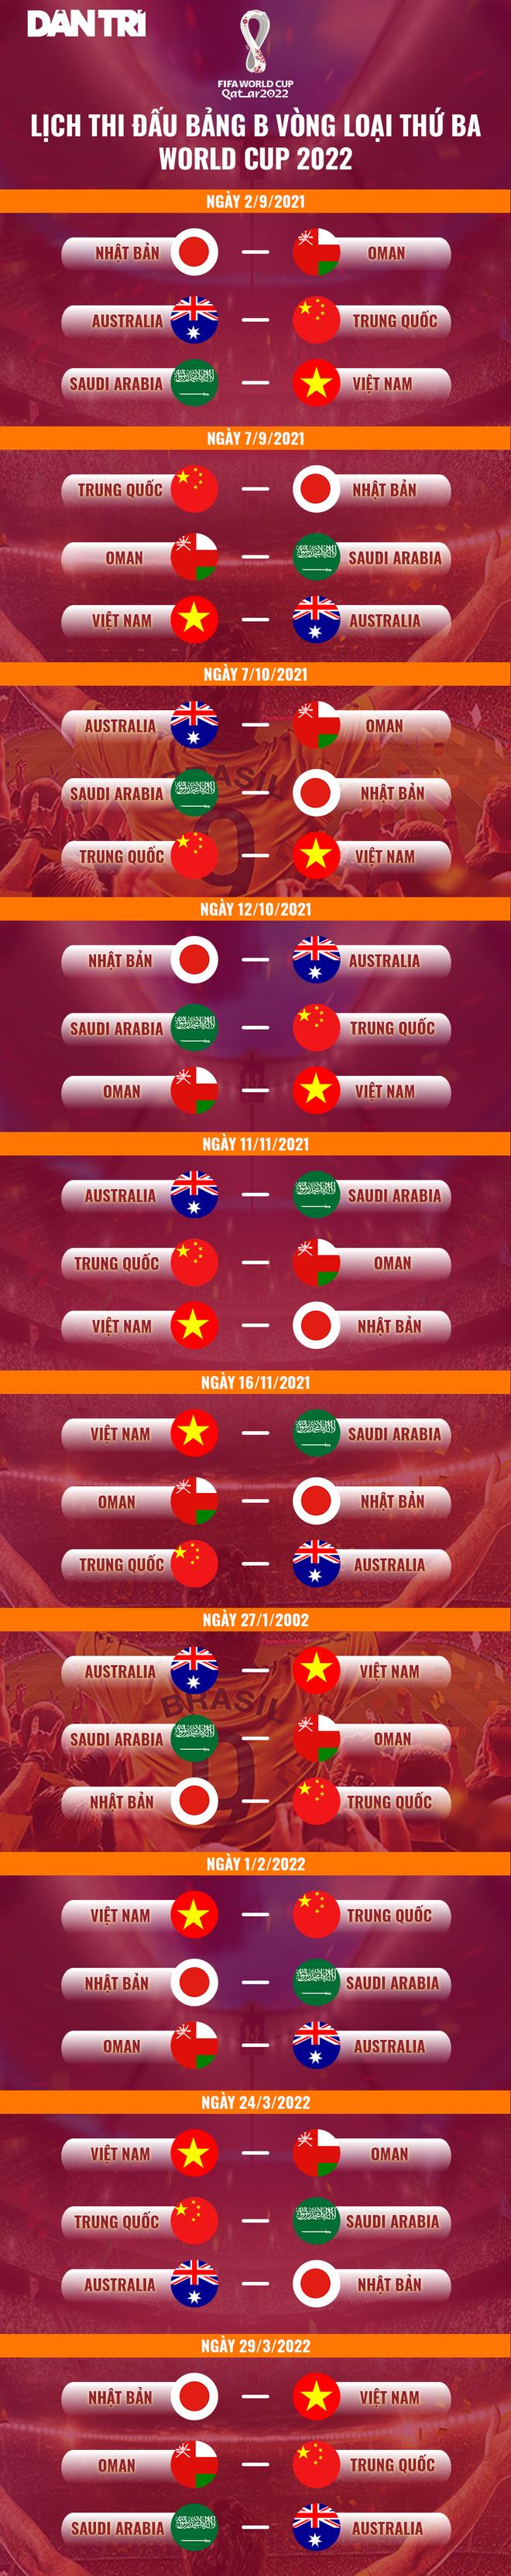 HLV Park Hang Seo được quốc tế đánh giá cao trước vòng loại World Cup - 3